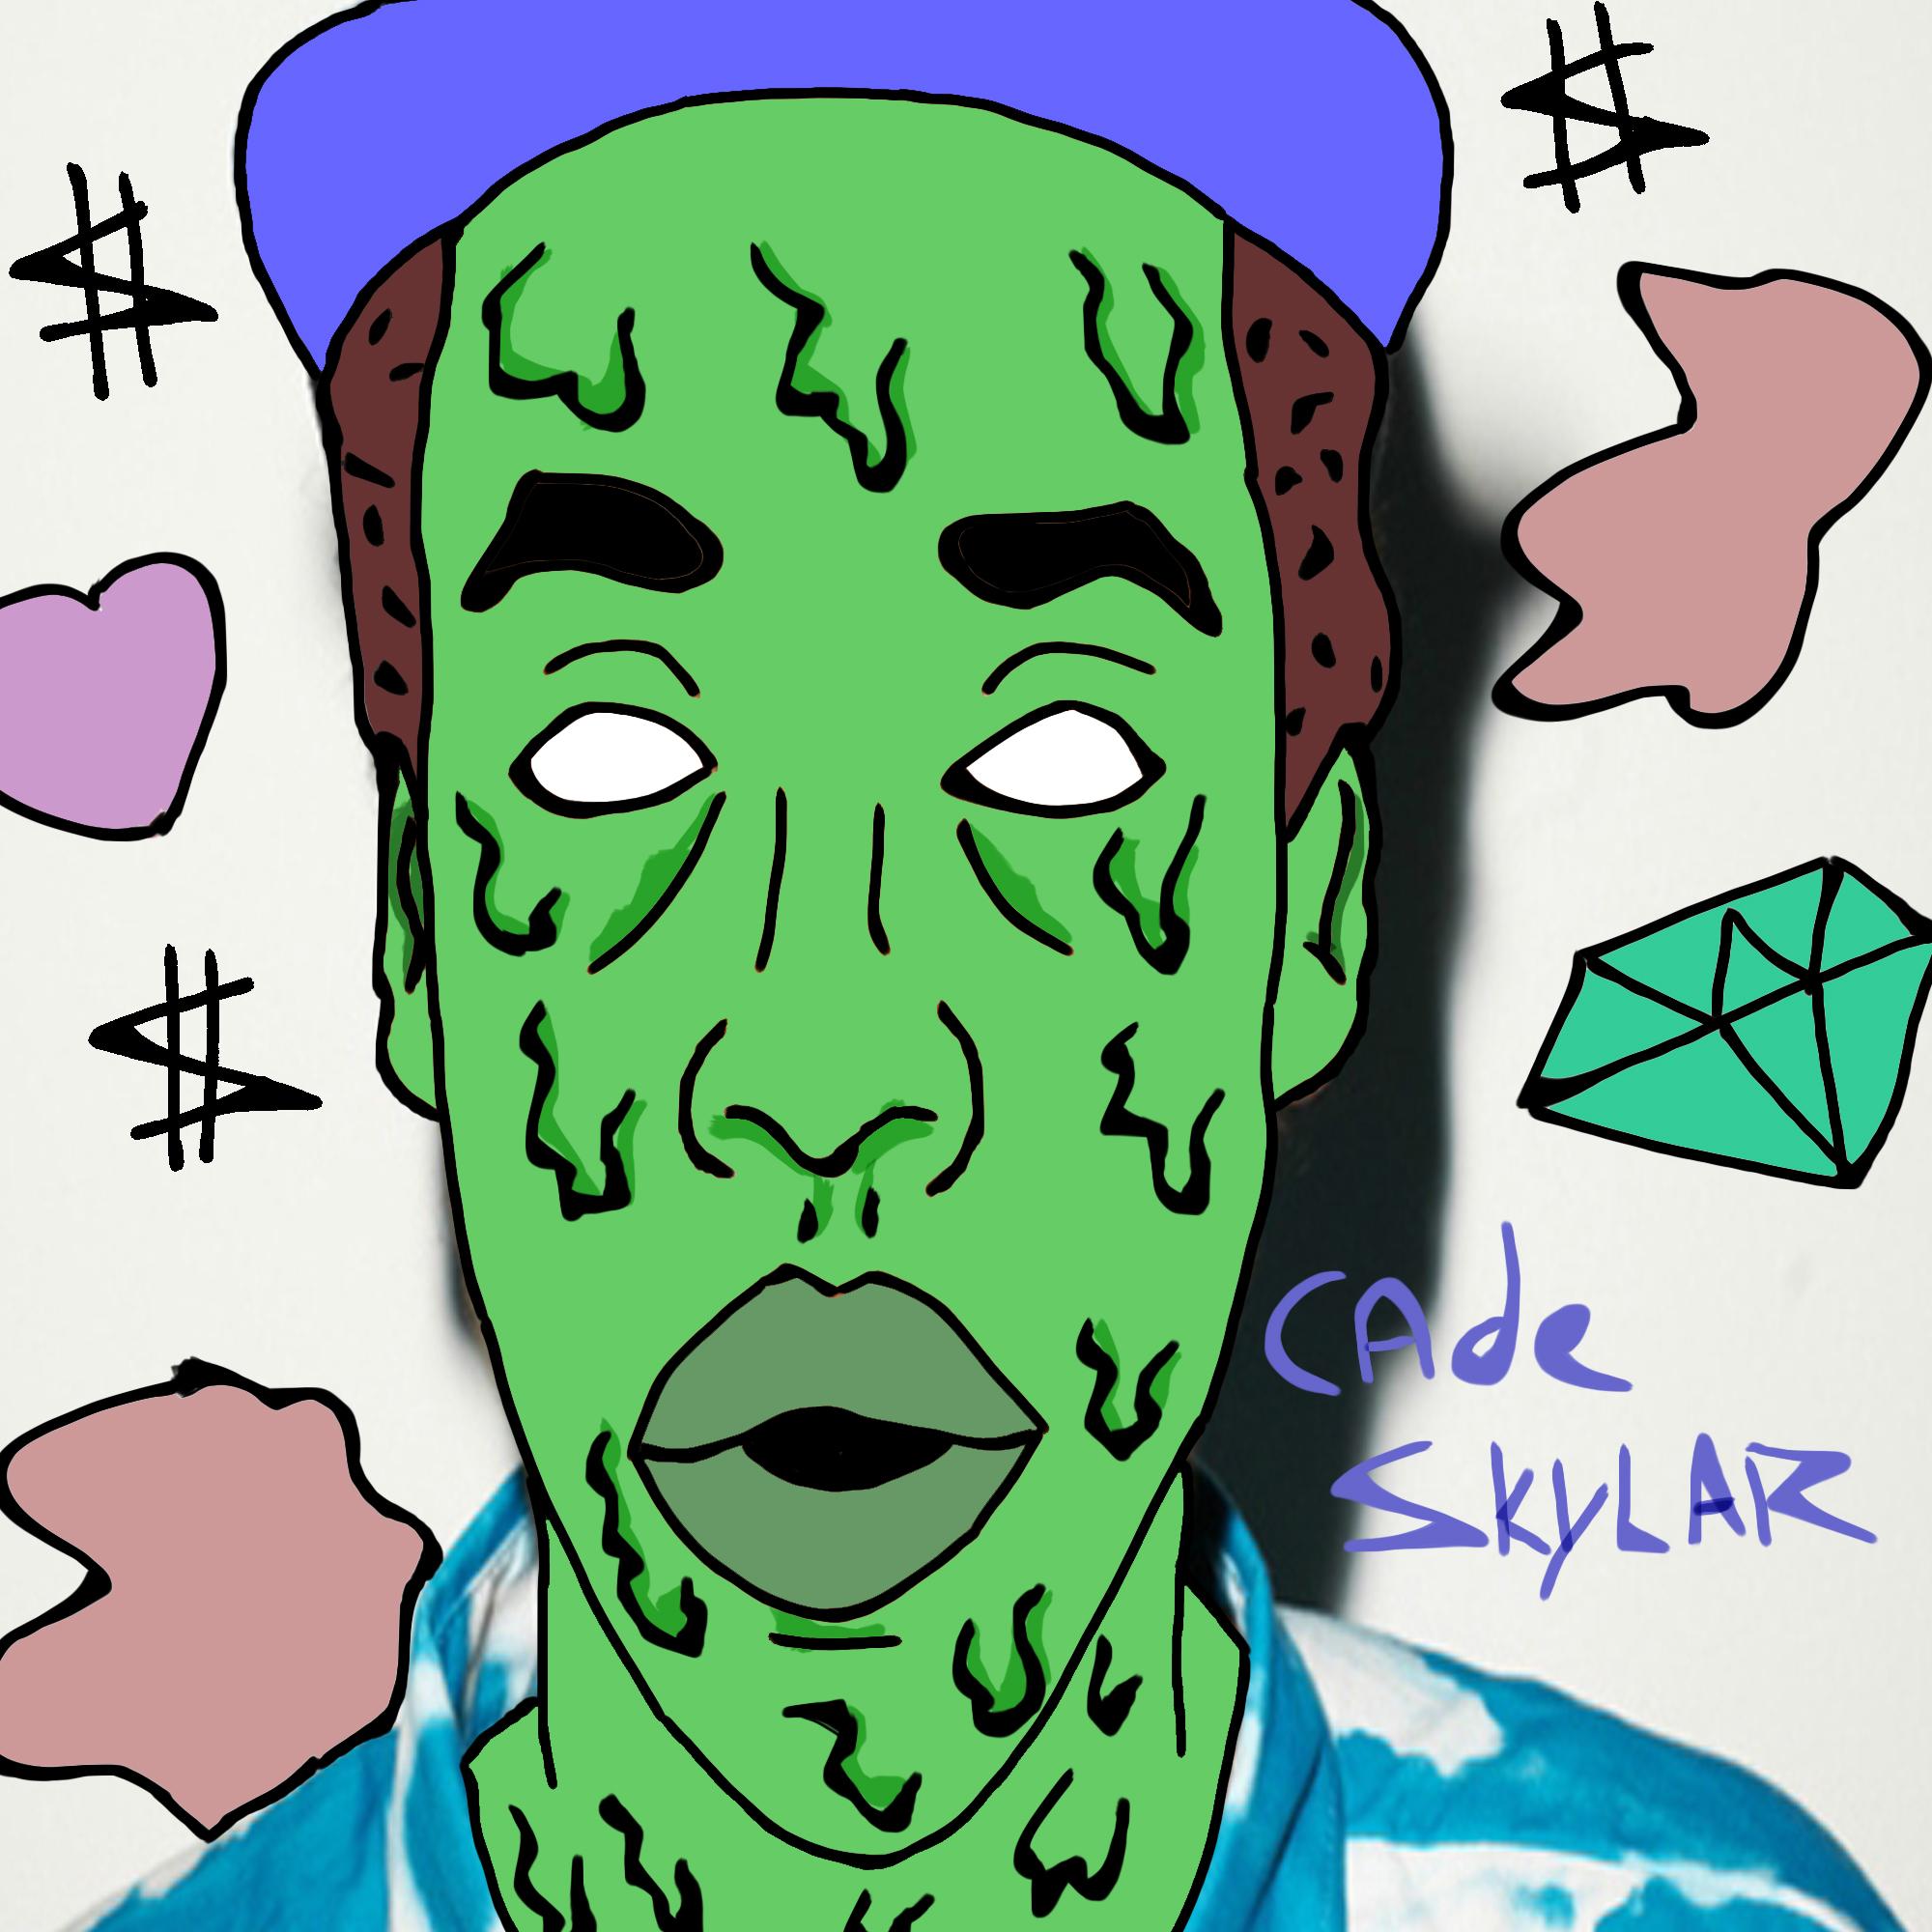 Earl $kylar